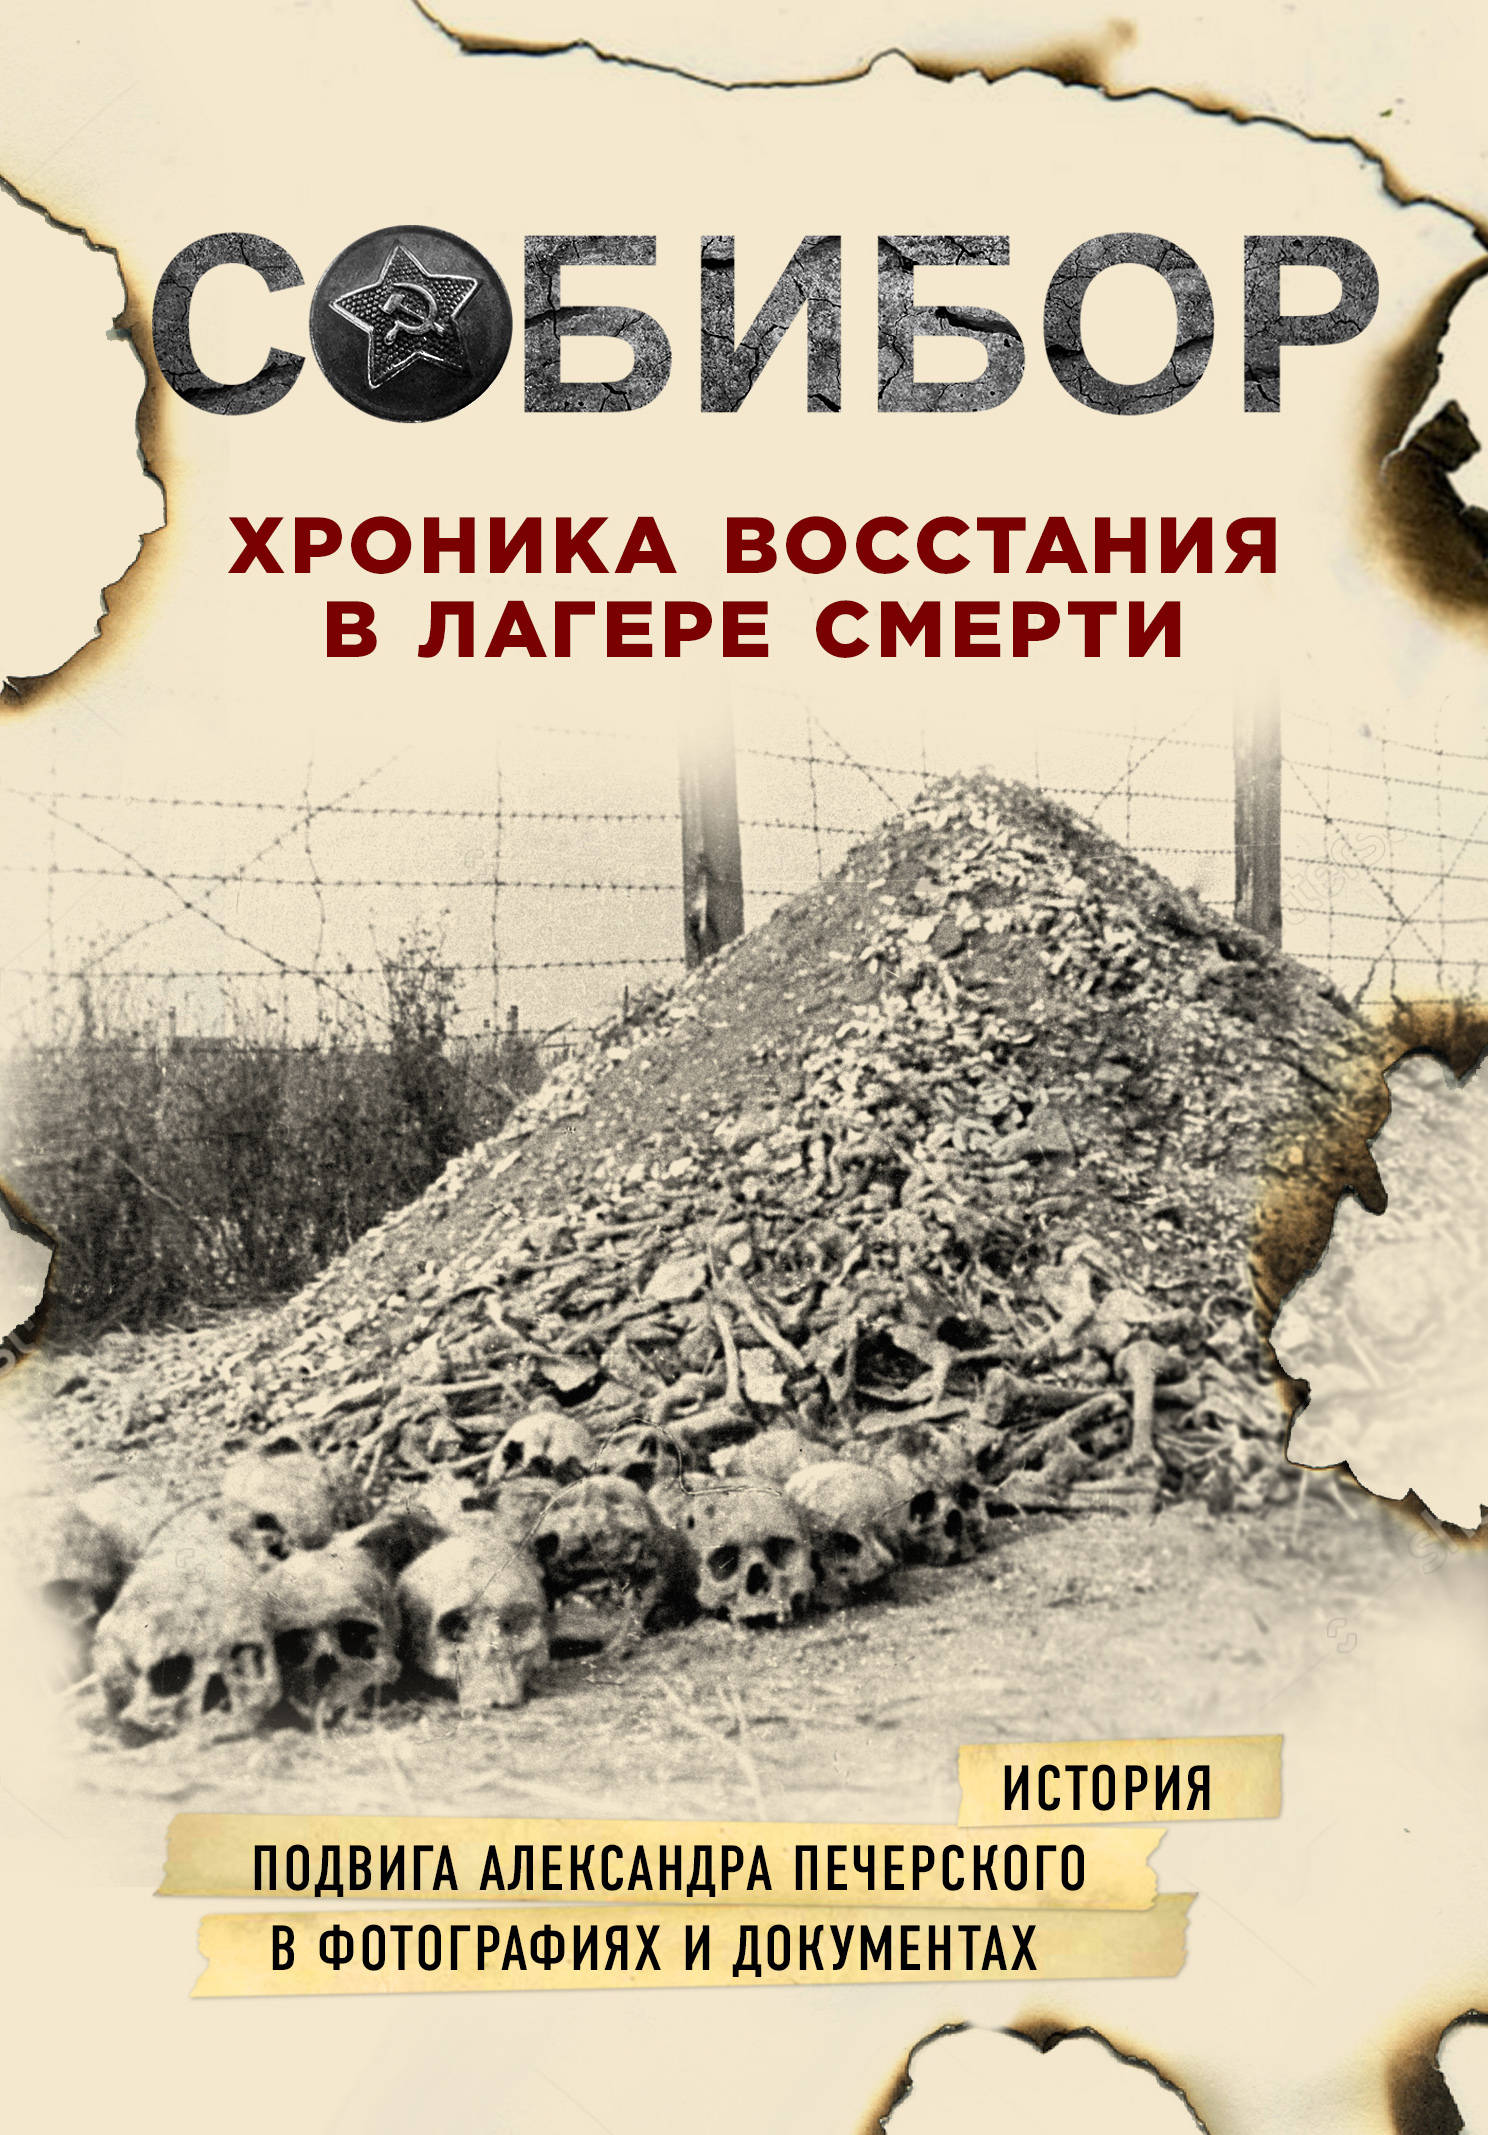 Собибор. Хроника восстания в лагере смерти восстания 4 сигвей